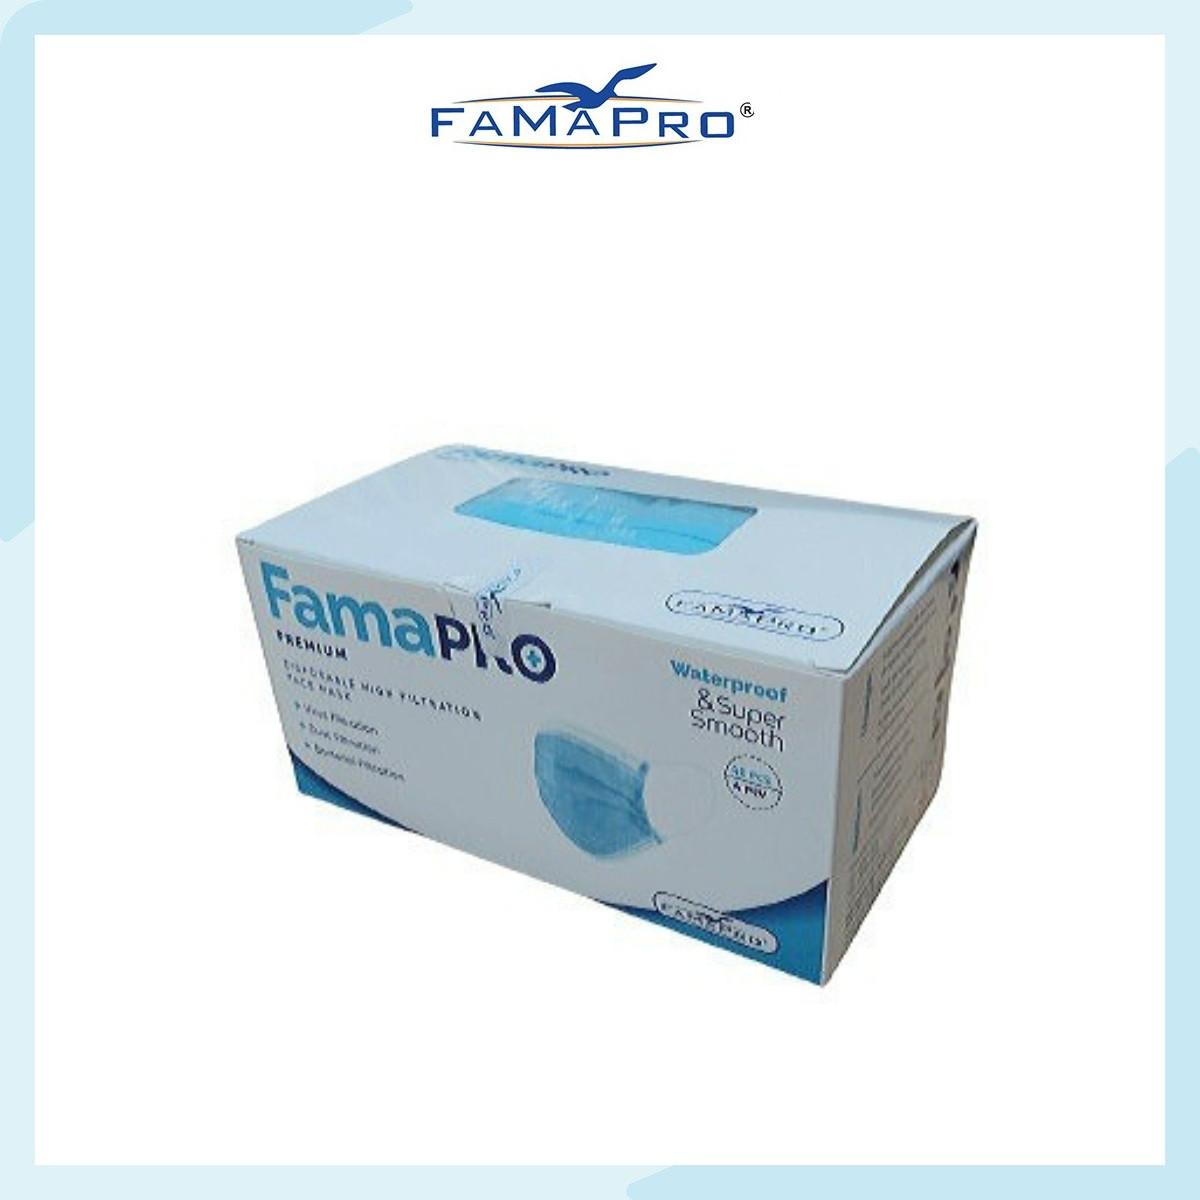 Khẩu trang y tế cao cấp 4 lớp kháng khuẩn Famapro Premium xuất khẩu Châu Âu (40 cái/ hộp)